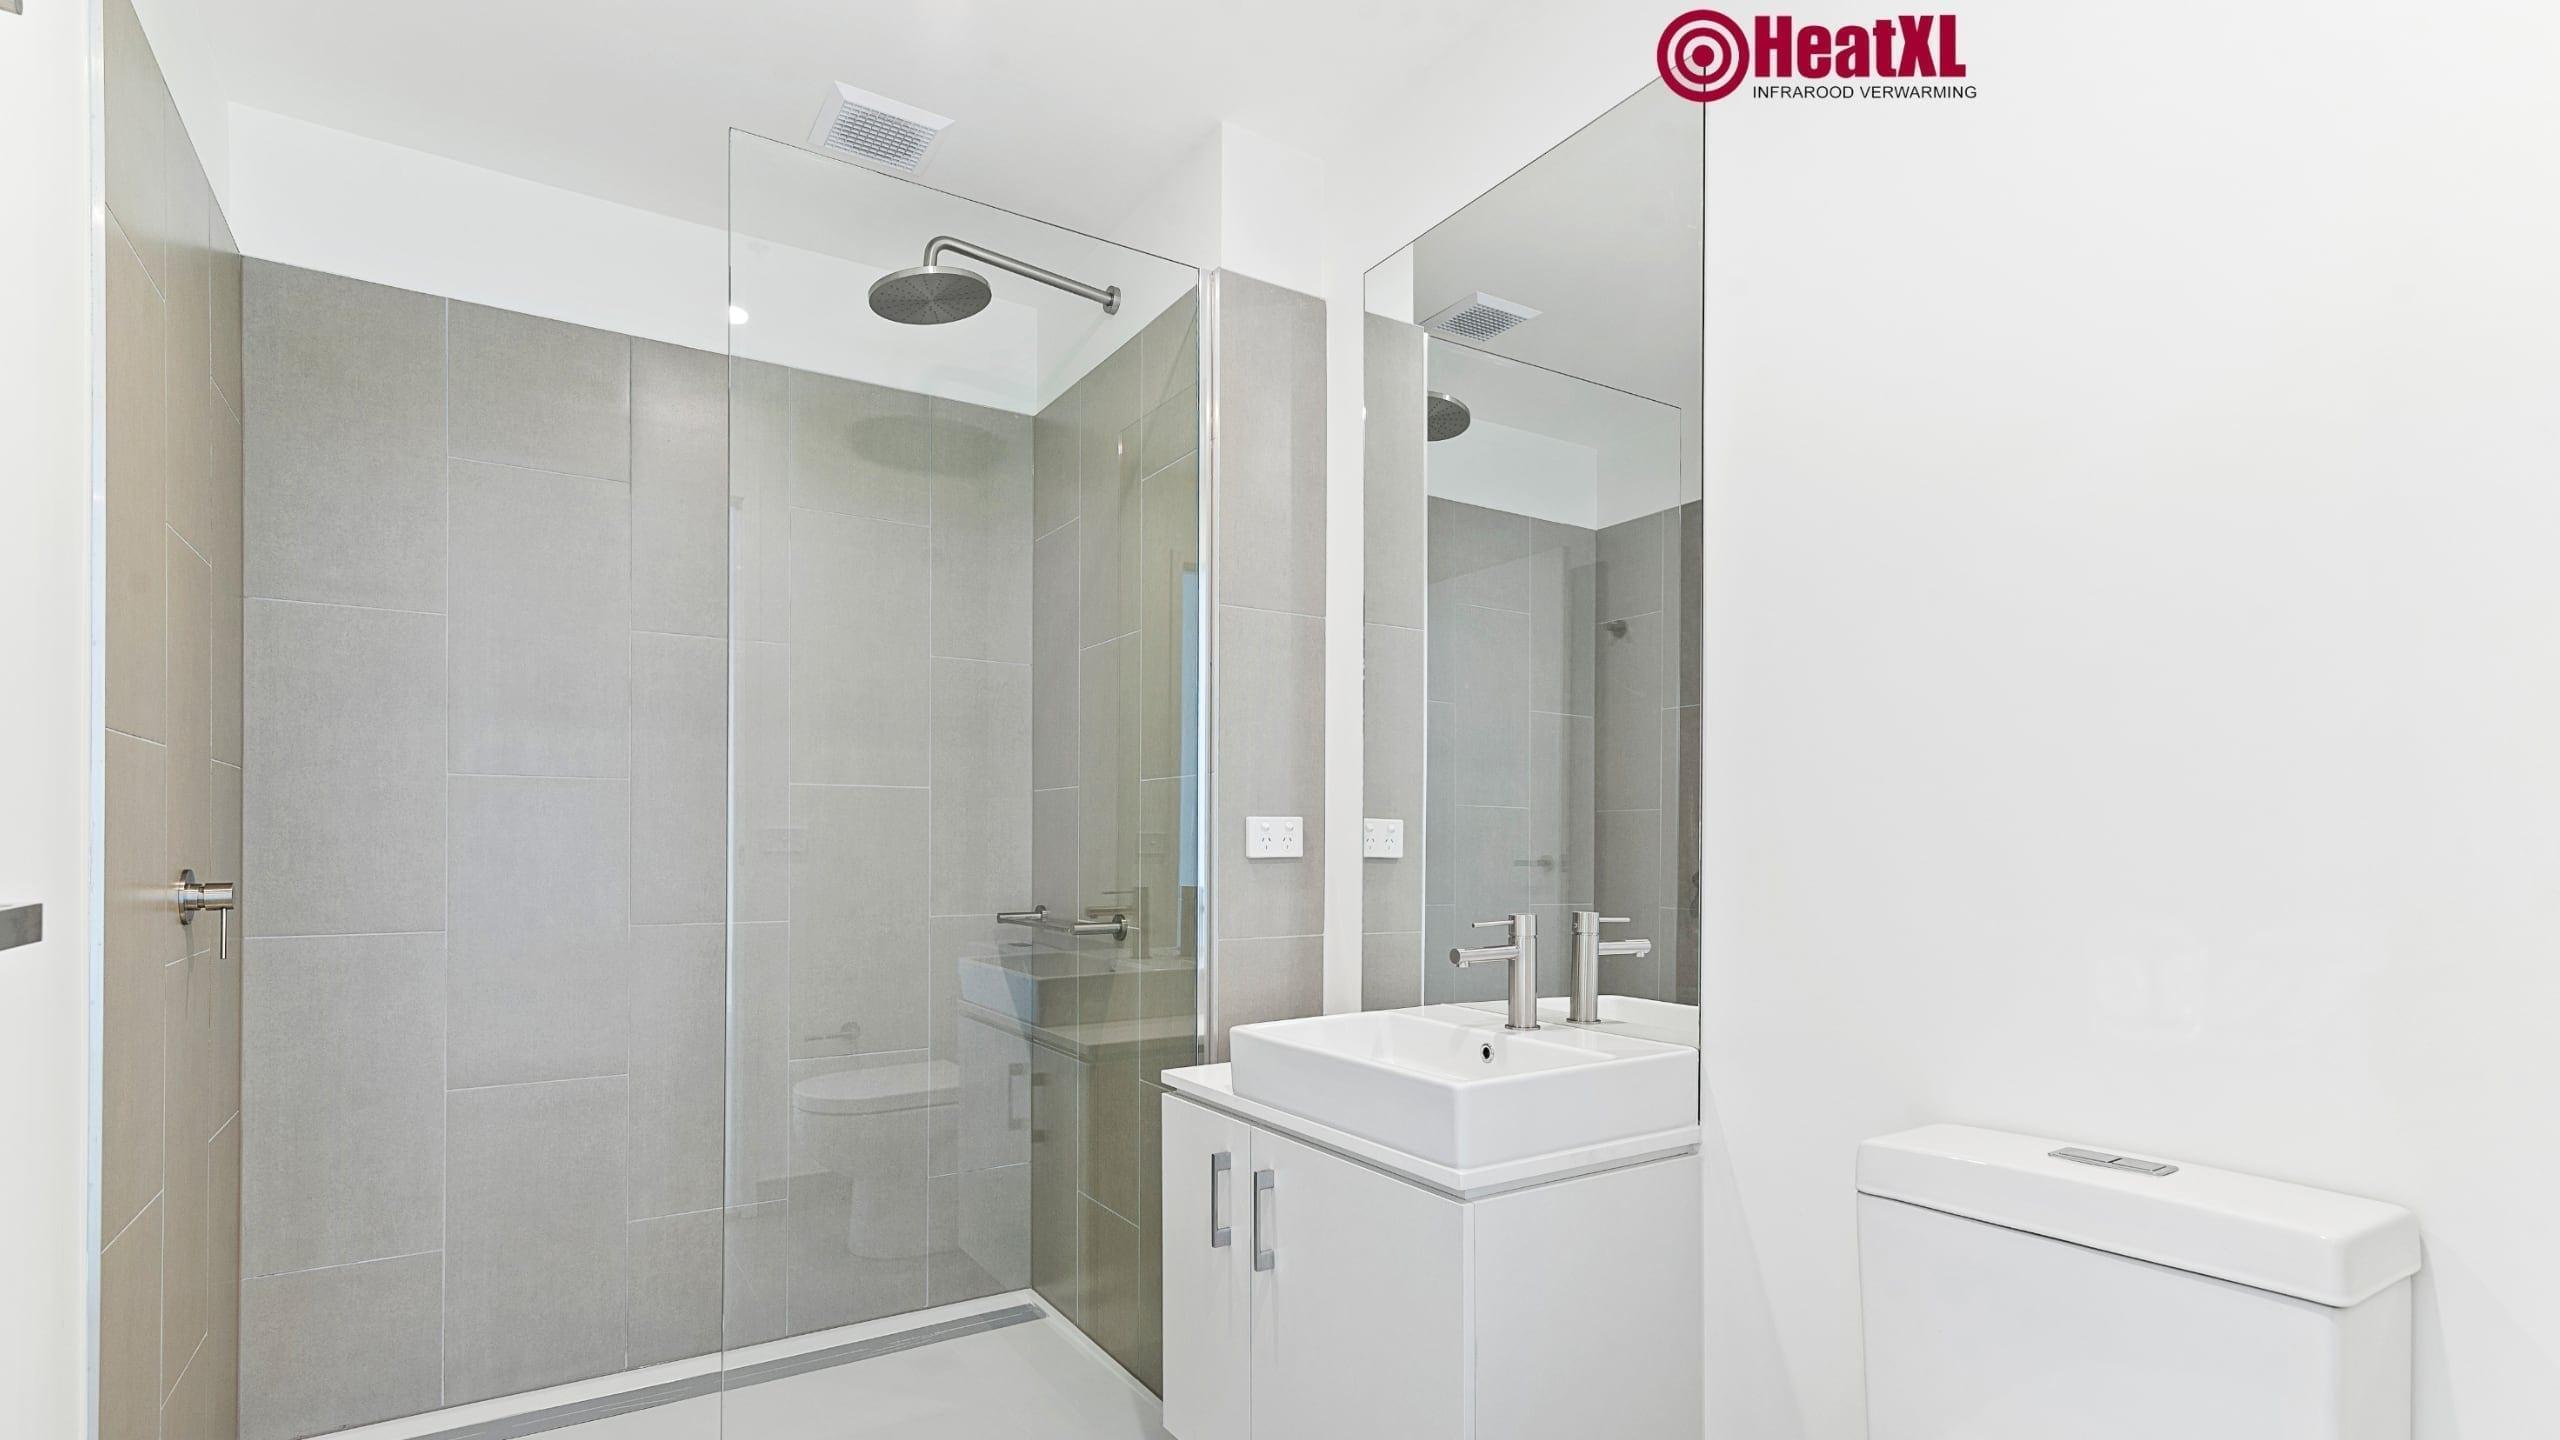 badkamer verwarming infrarood badkamer infraroodpaneel badkamer spiegel met verwarming infrarood spiegel